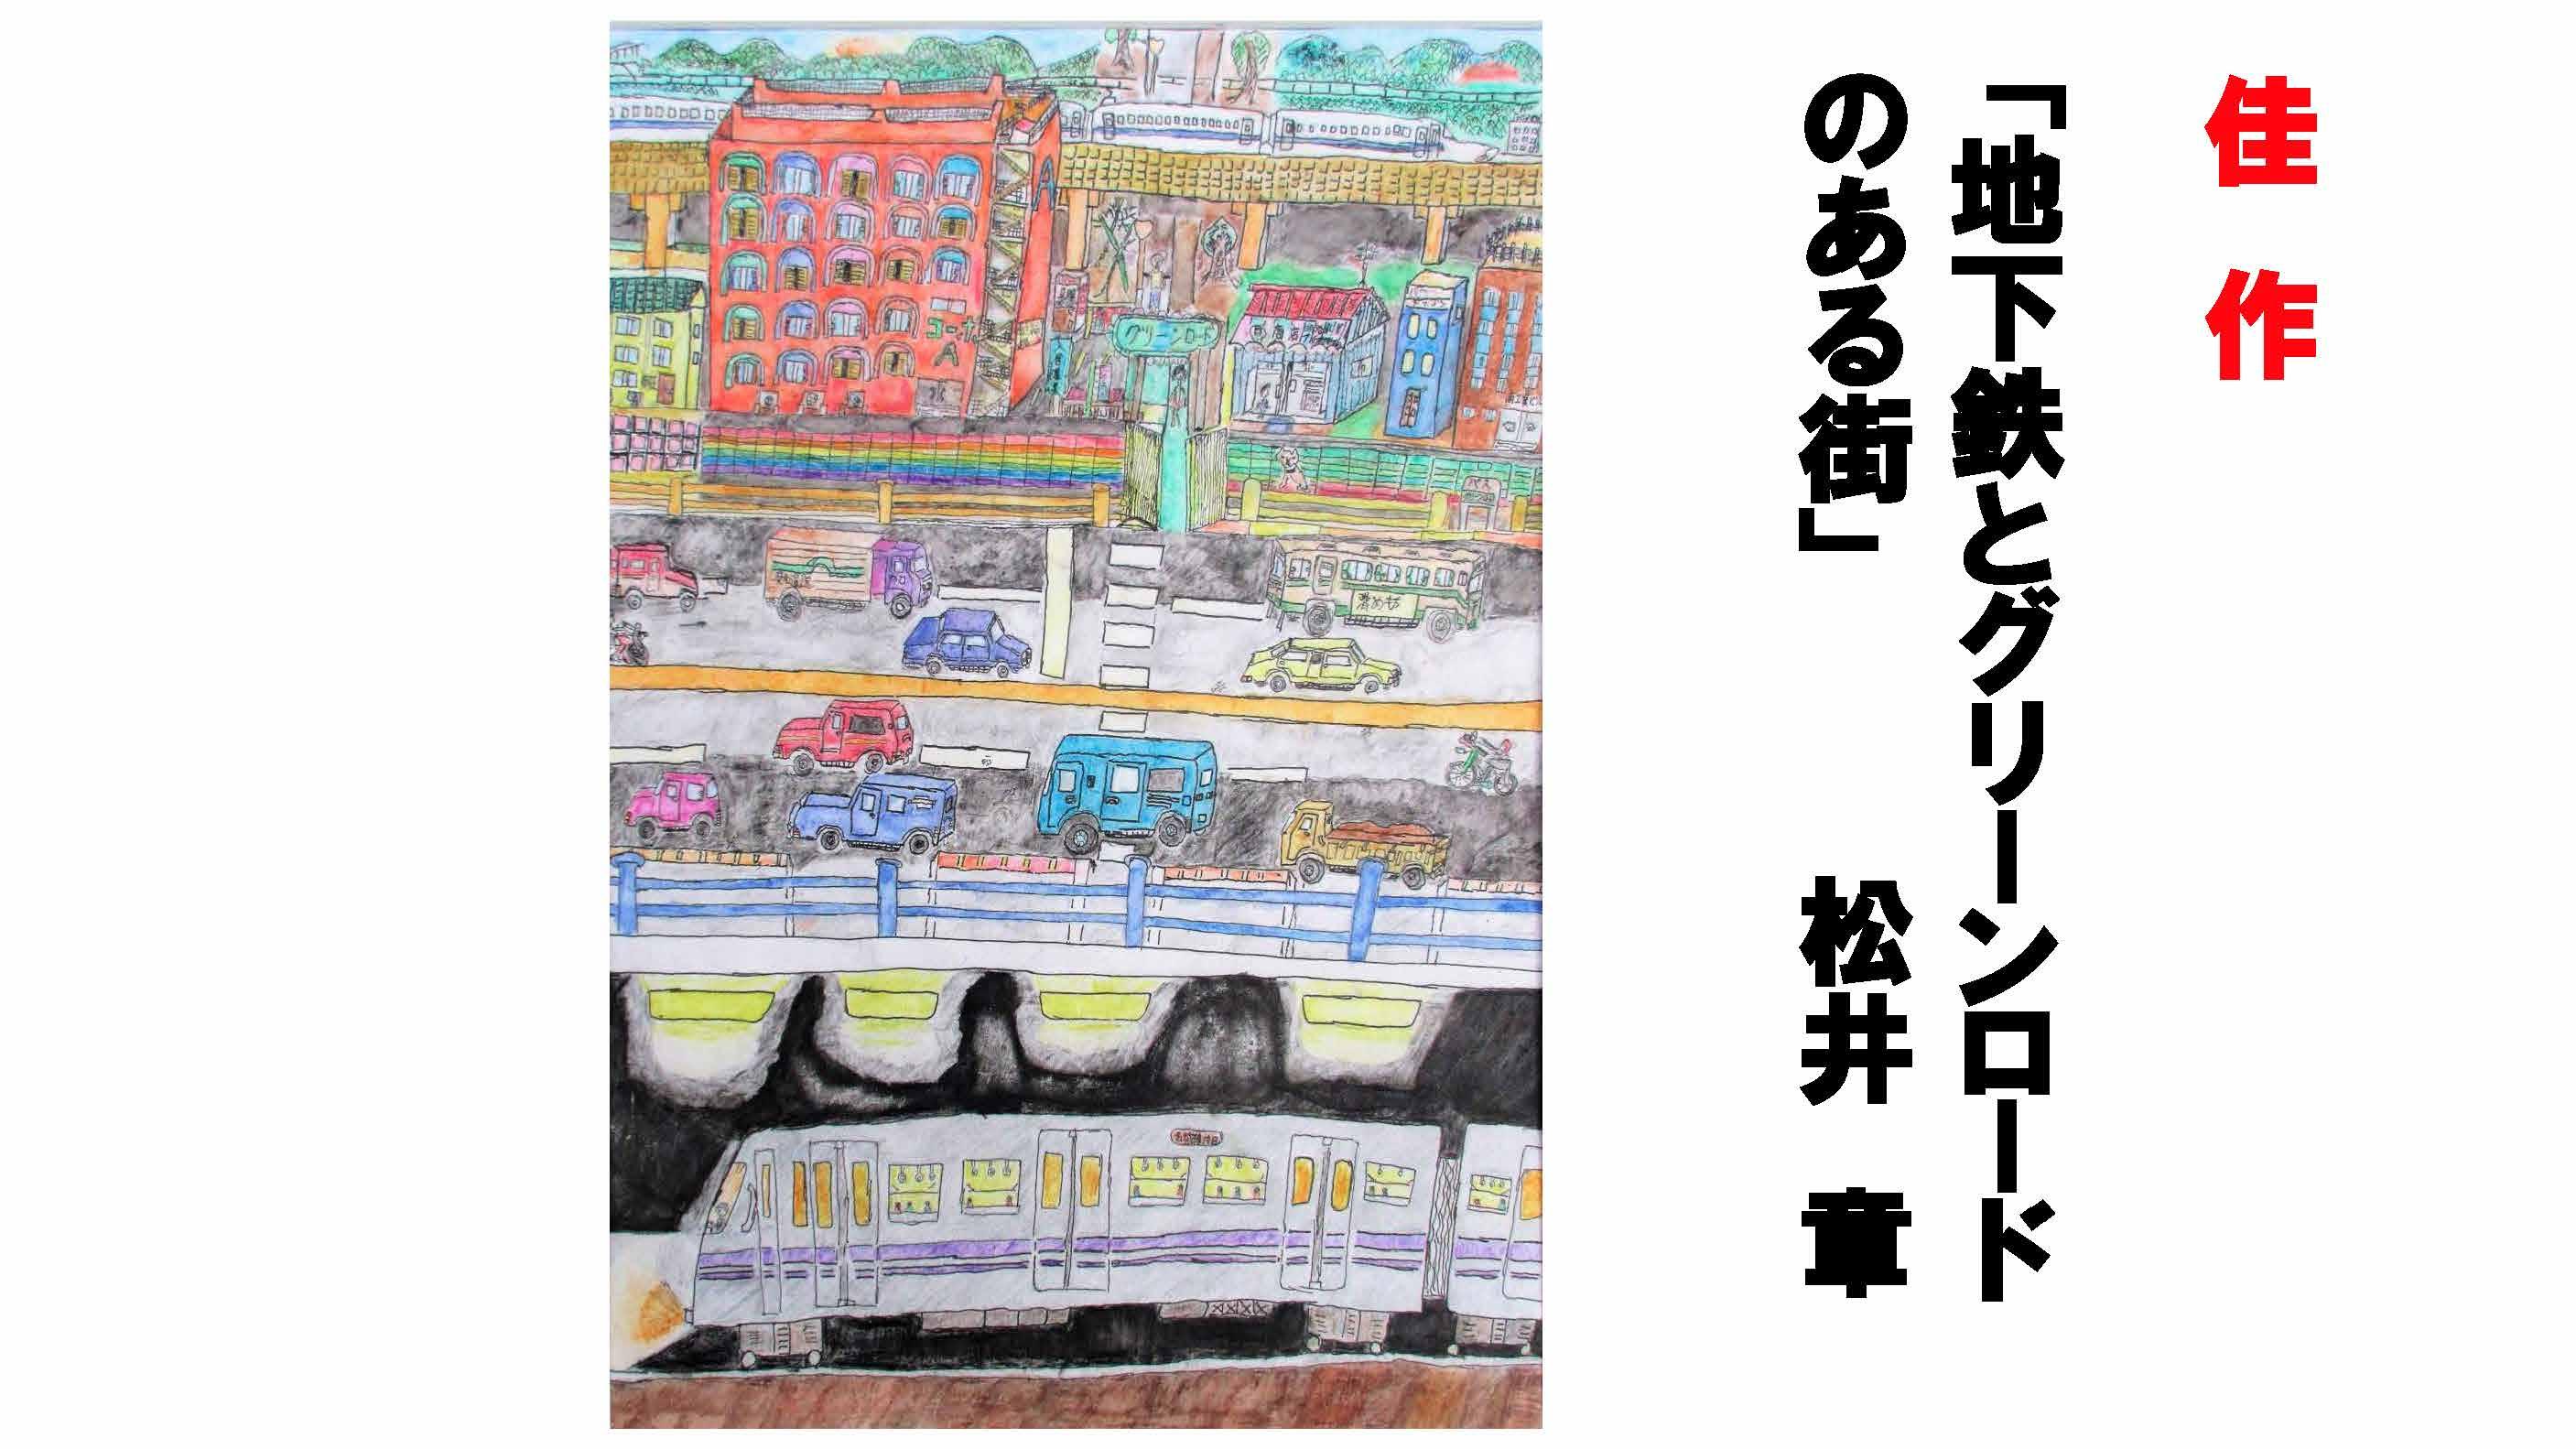 第8回ぼくらのアート展 受賞作品集(印刷用)_ページ_08